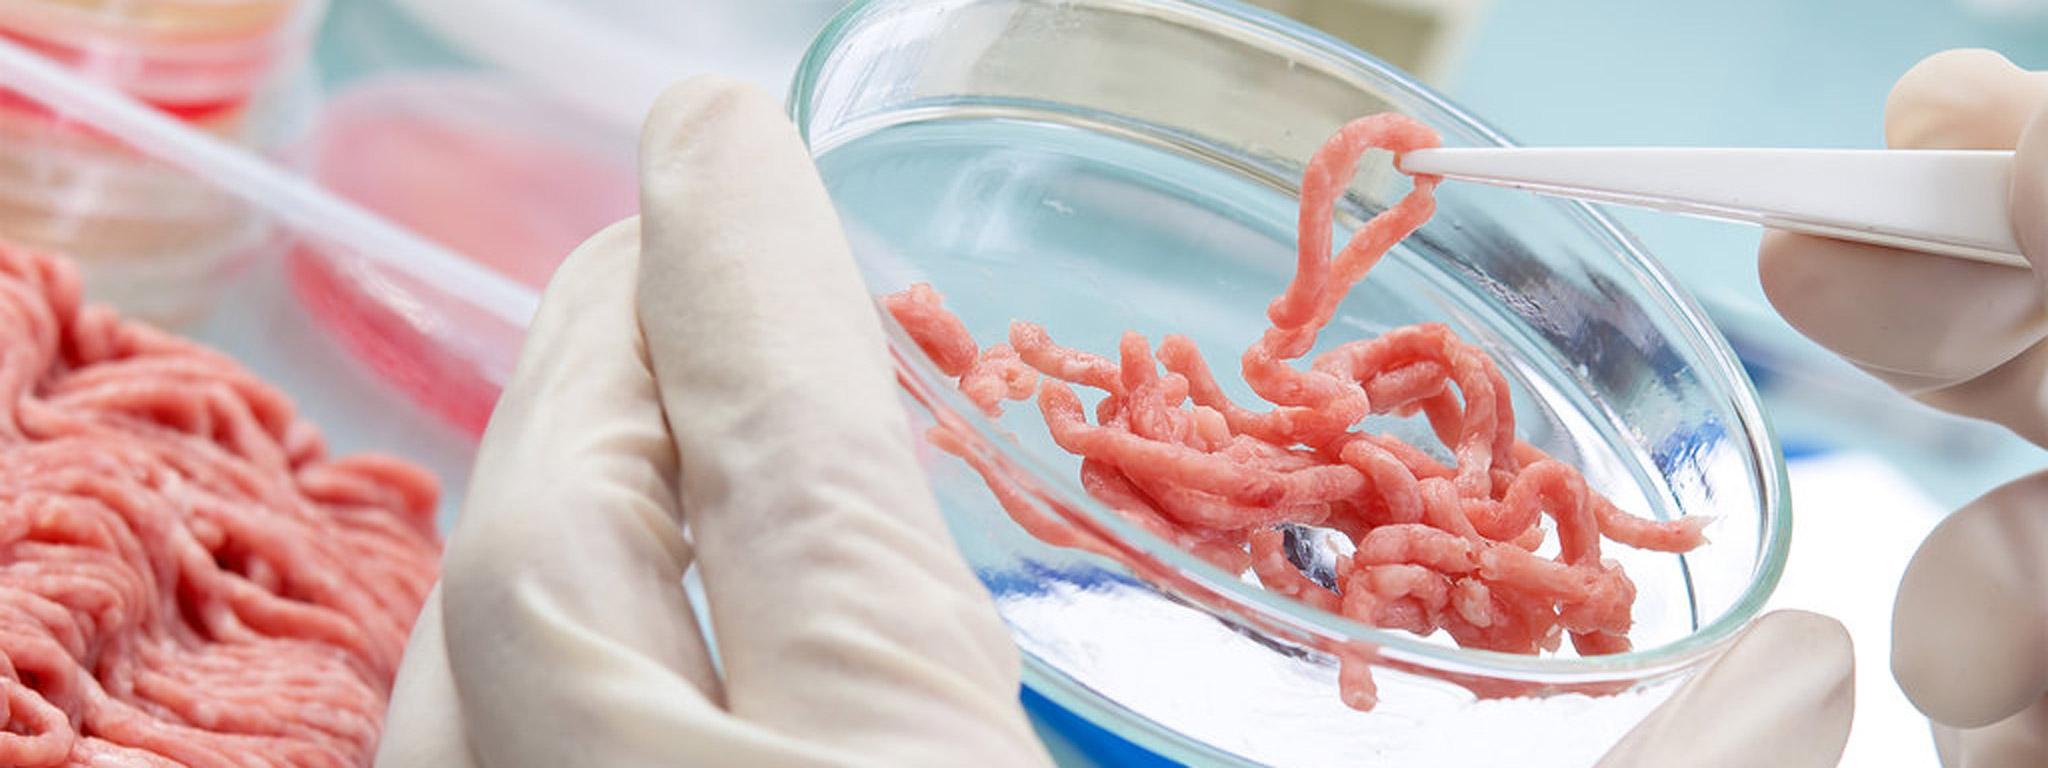 thịt tạo ra từ phòng thí nghiệm bằng việc nuôi tế bào thịt thật.